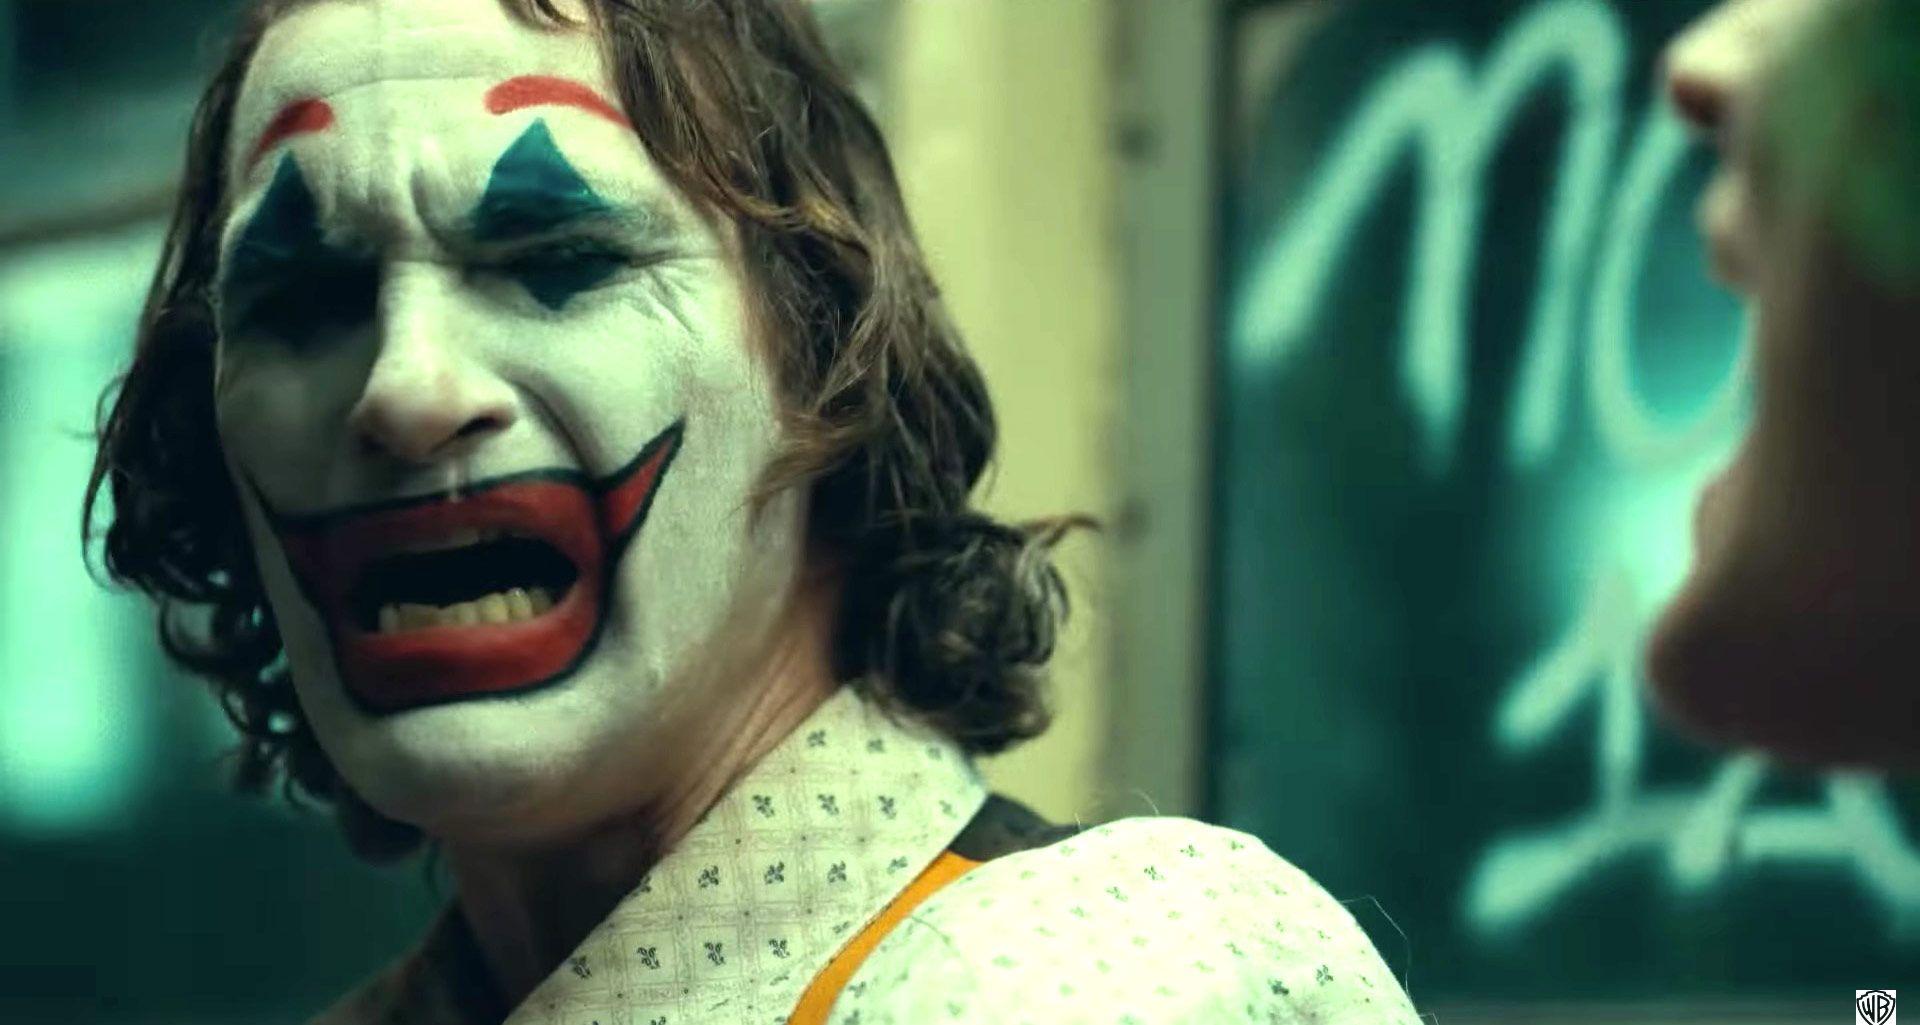 دانلود آهنگ فیلم جوکر به نام smile + متن ترانه